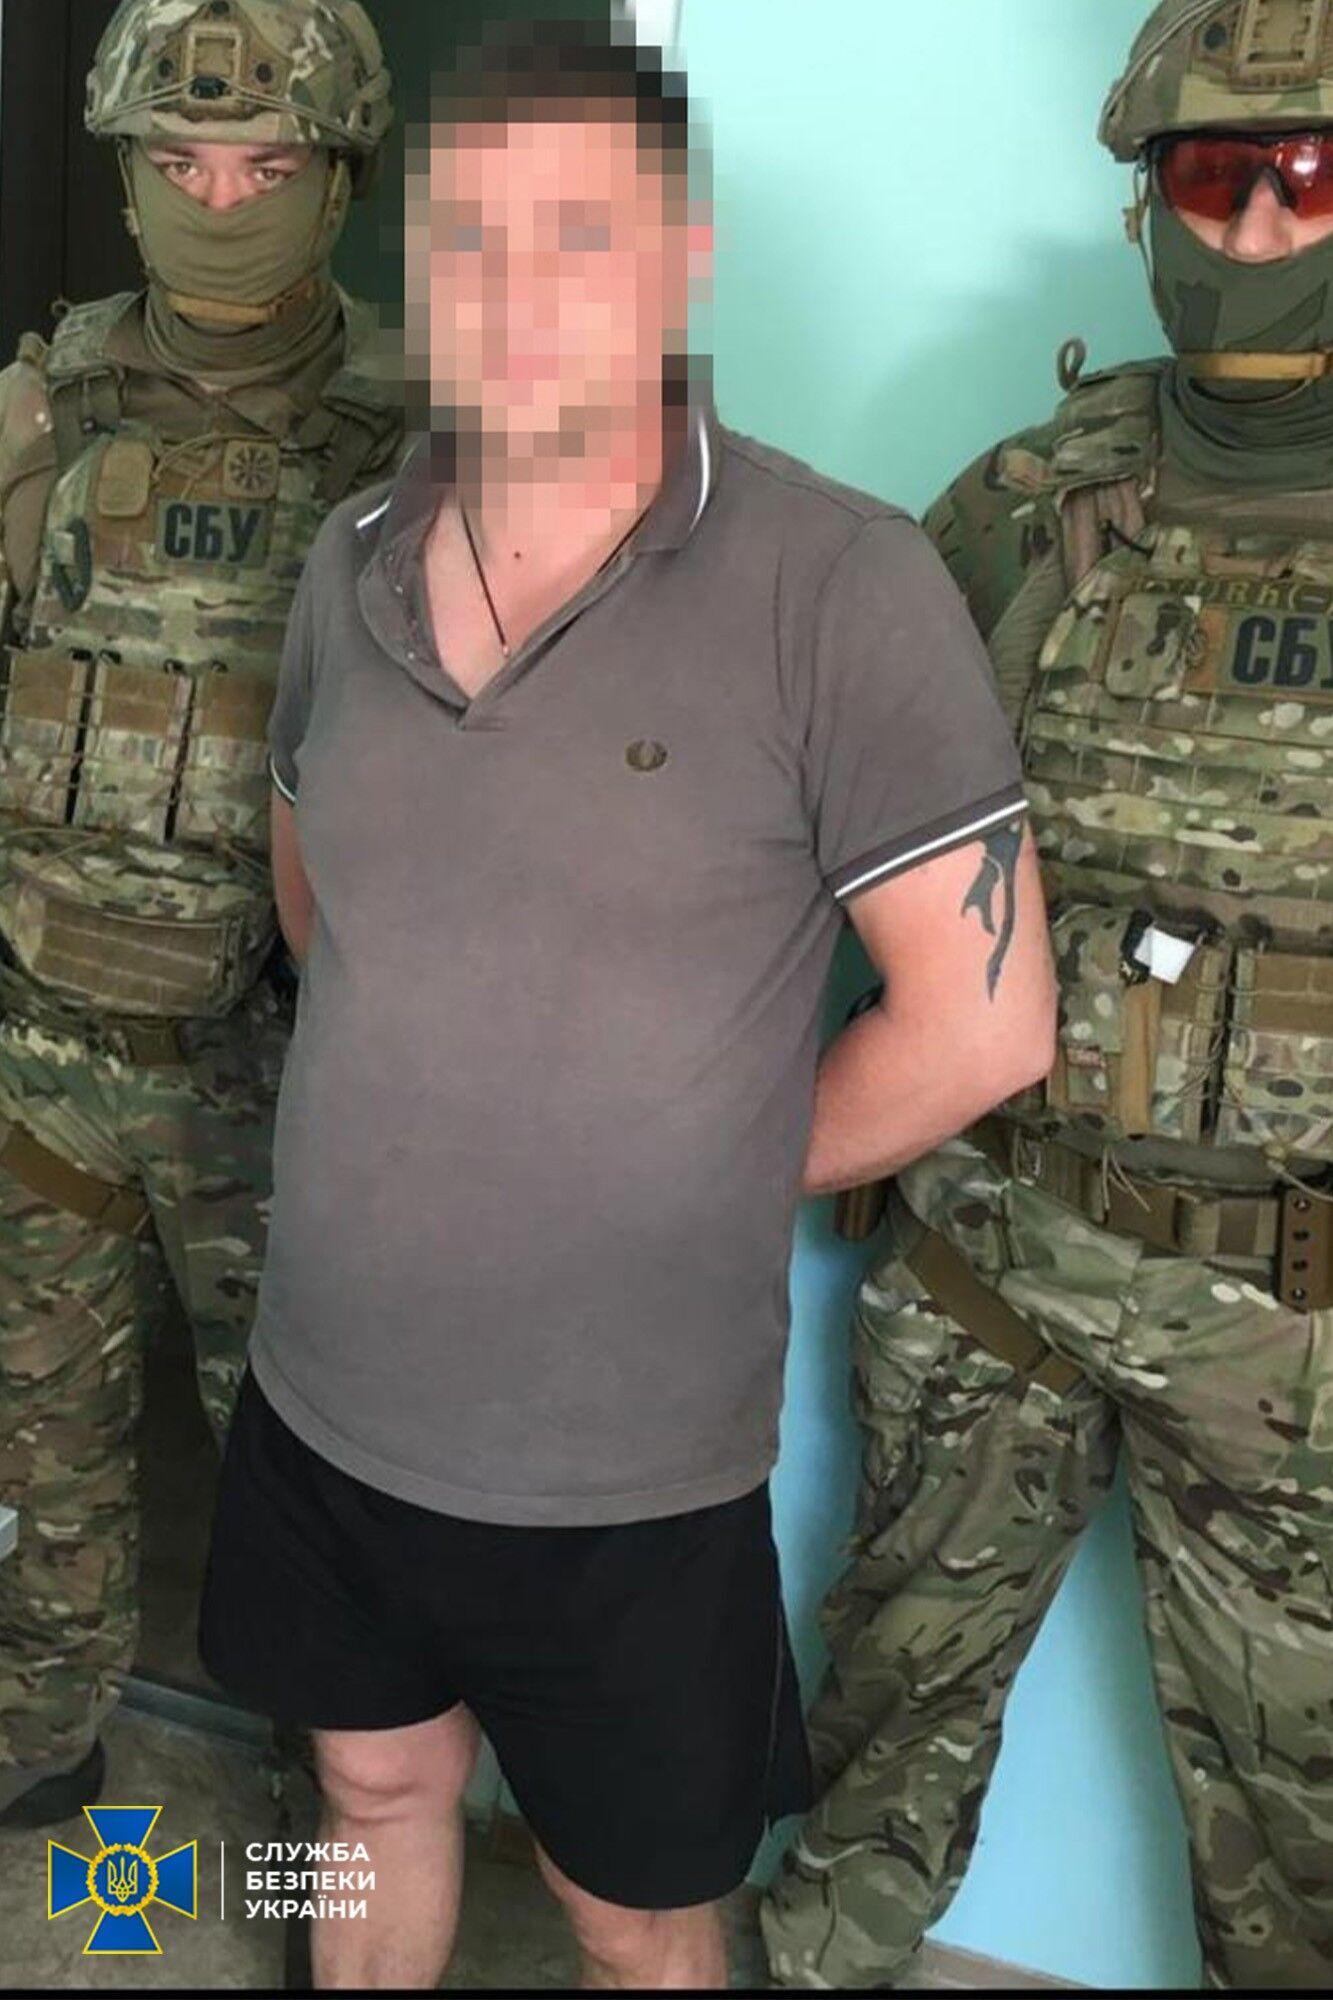 Агент собирал информацию о местных чиновниках и военнослужащих